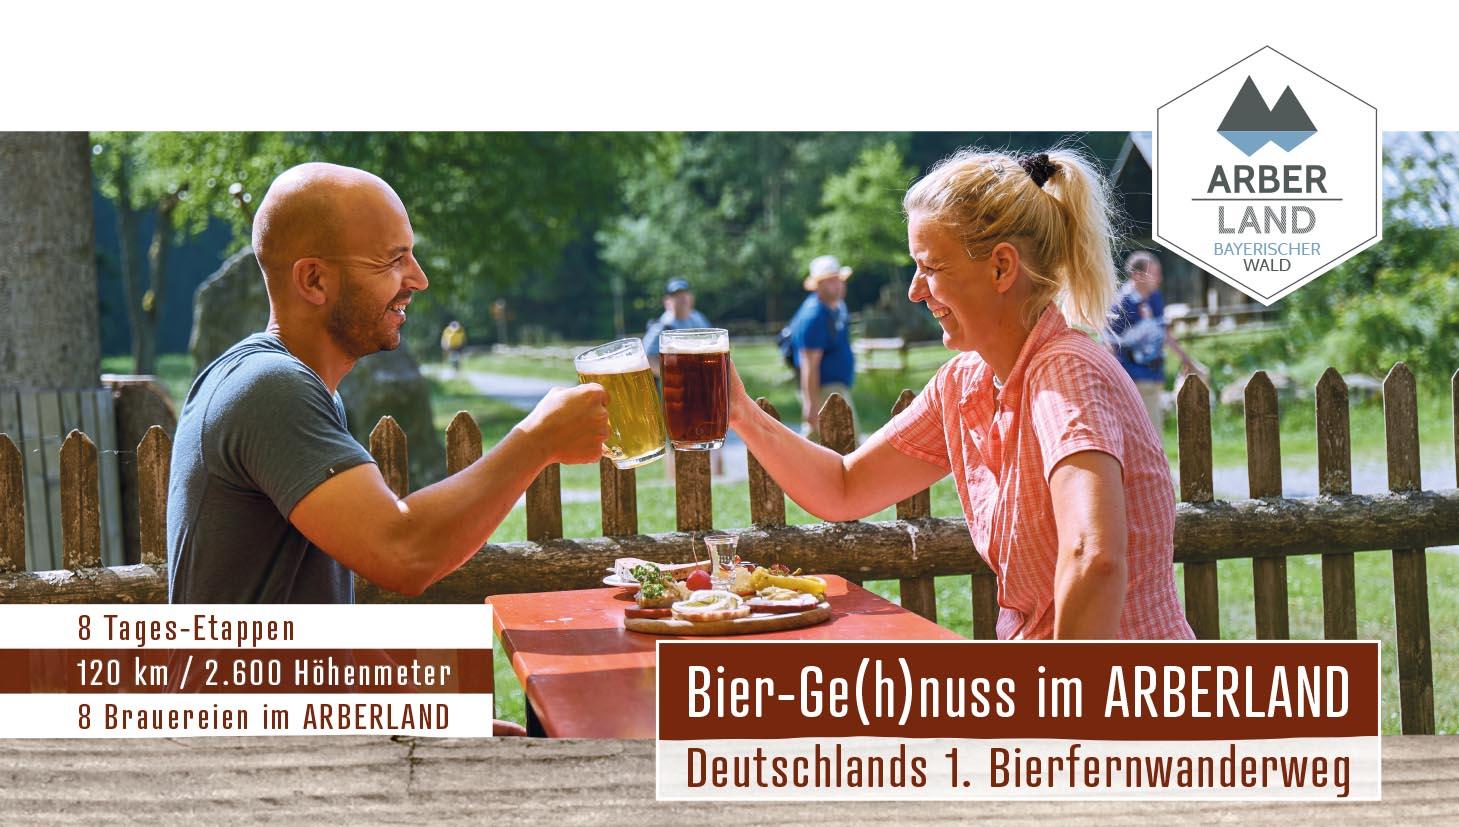 Bier-Ge(h)nuss im ARBERLAND - Deutschlands 1. Bierfernwanderweg. Foto: ARBERLAND REGio GmbH.